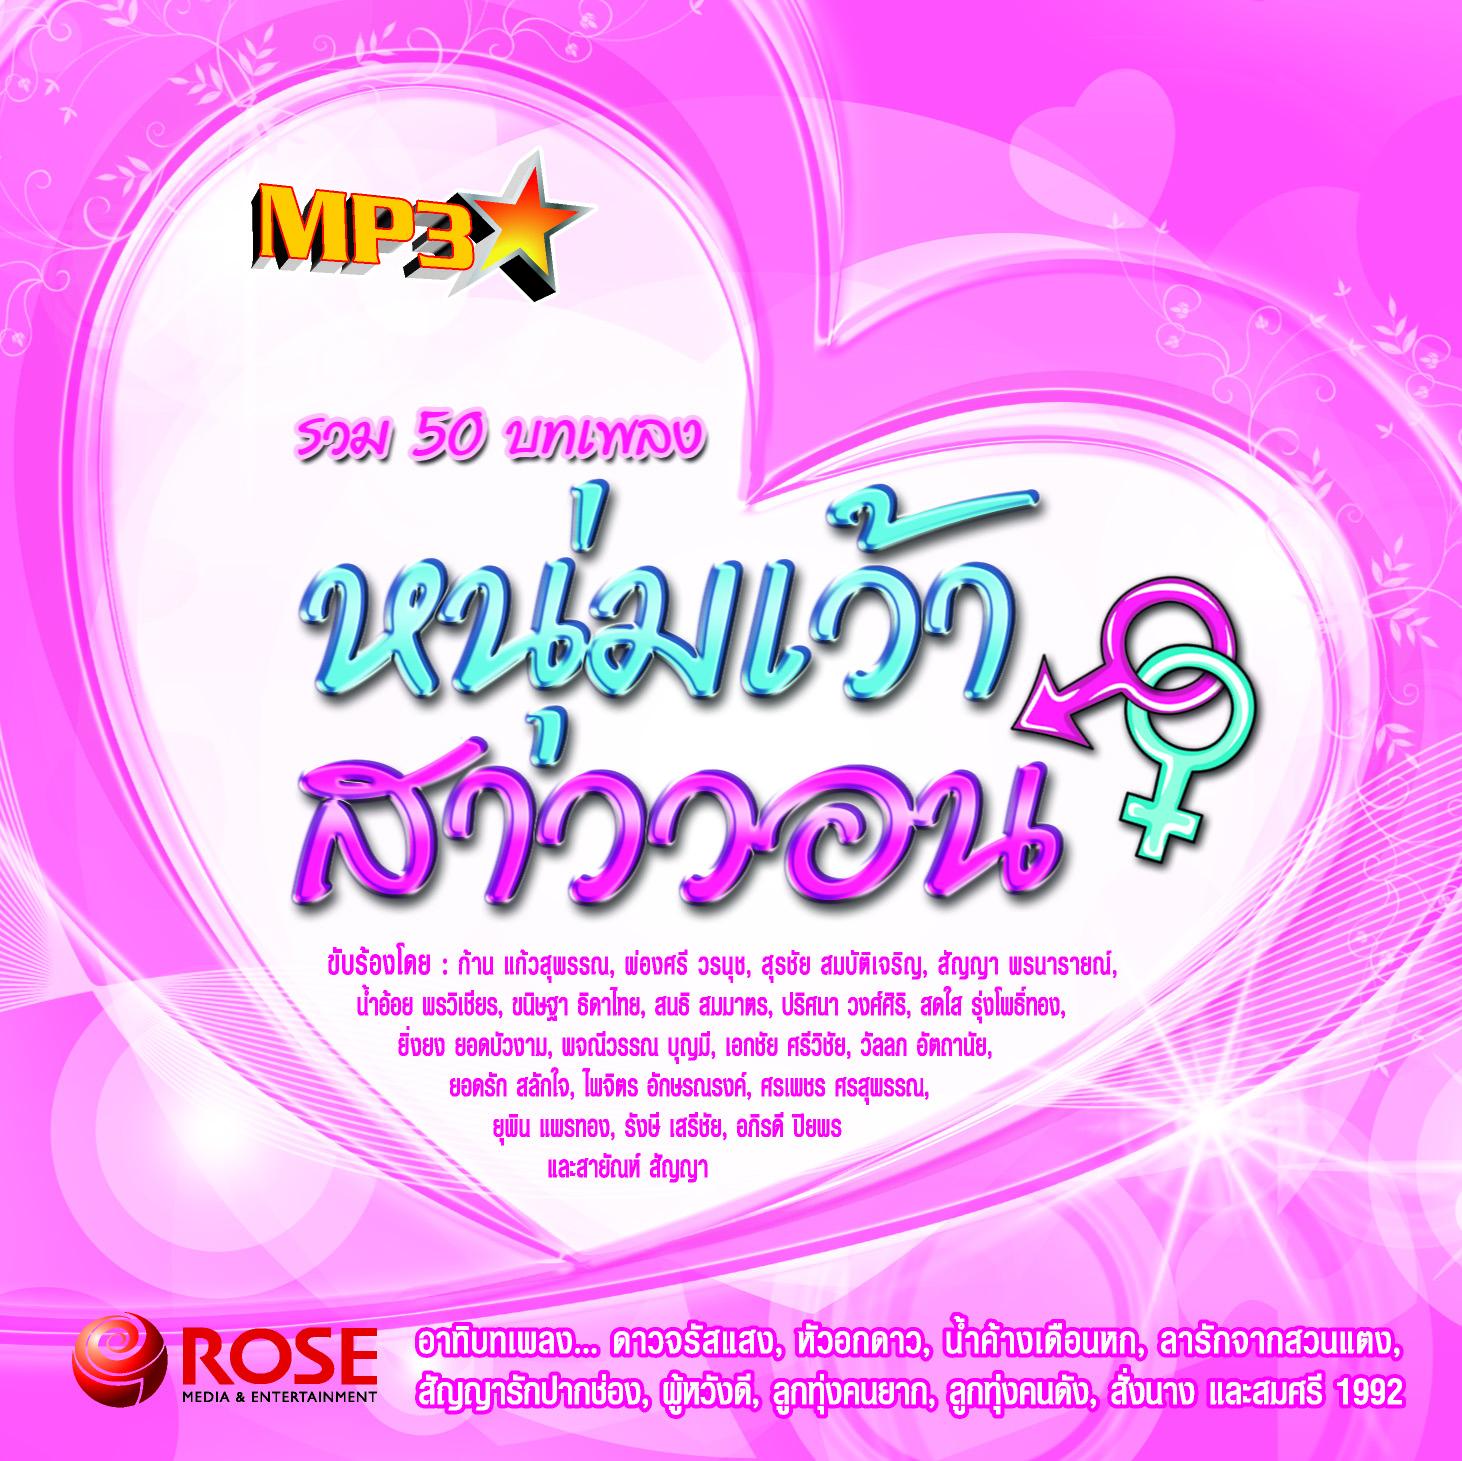 MP3 50 เพลง หนุ่มเว้าสาววอน (ร้องแก้ชายหญิง)